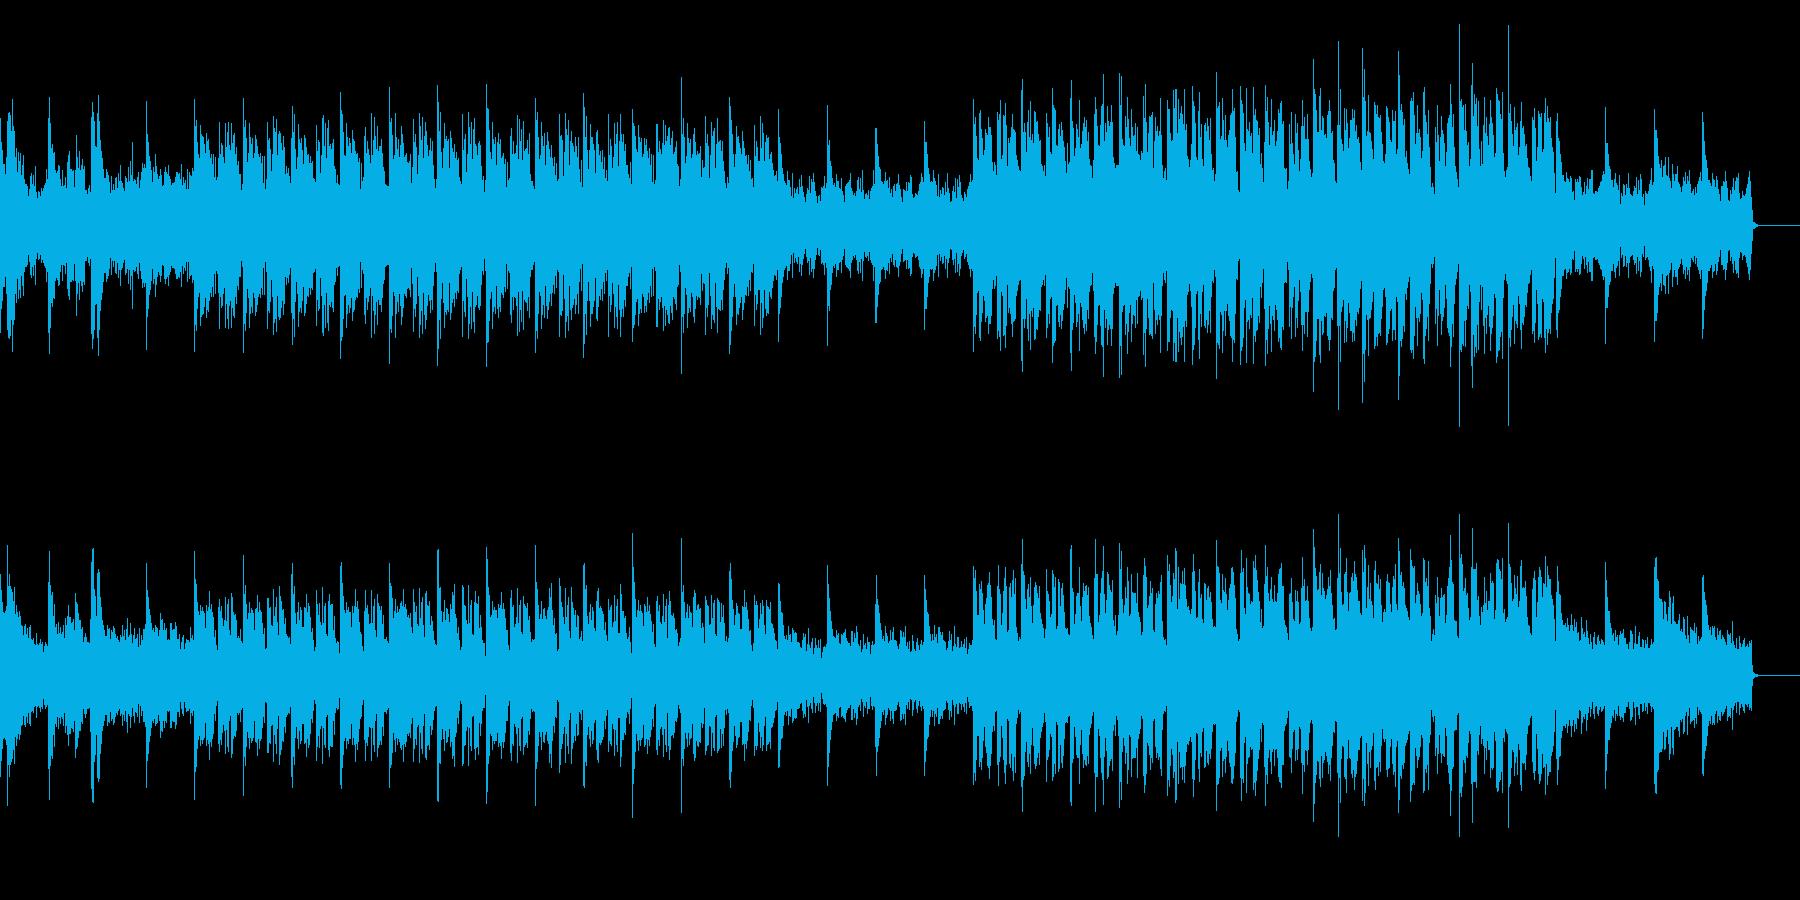 サイレントなホラー曲の再生済みの波形